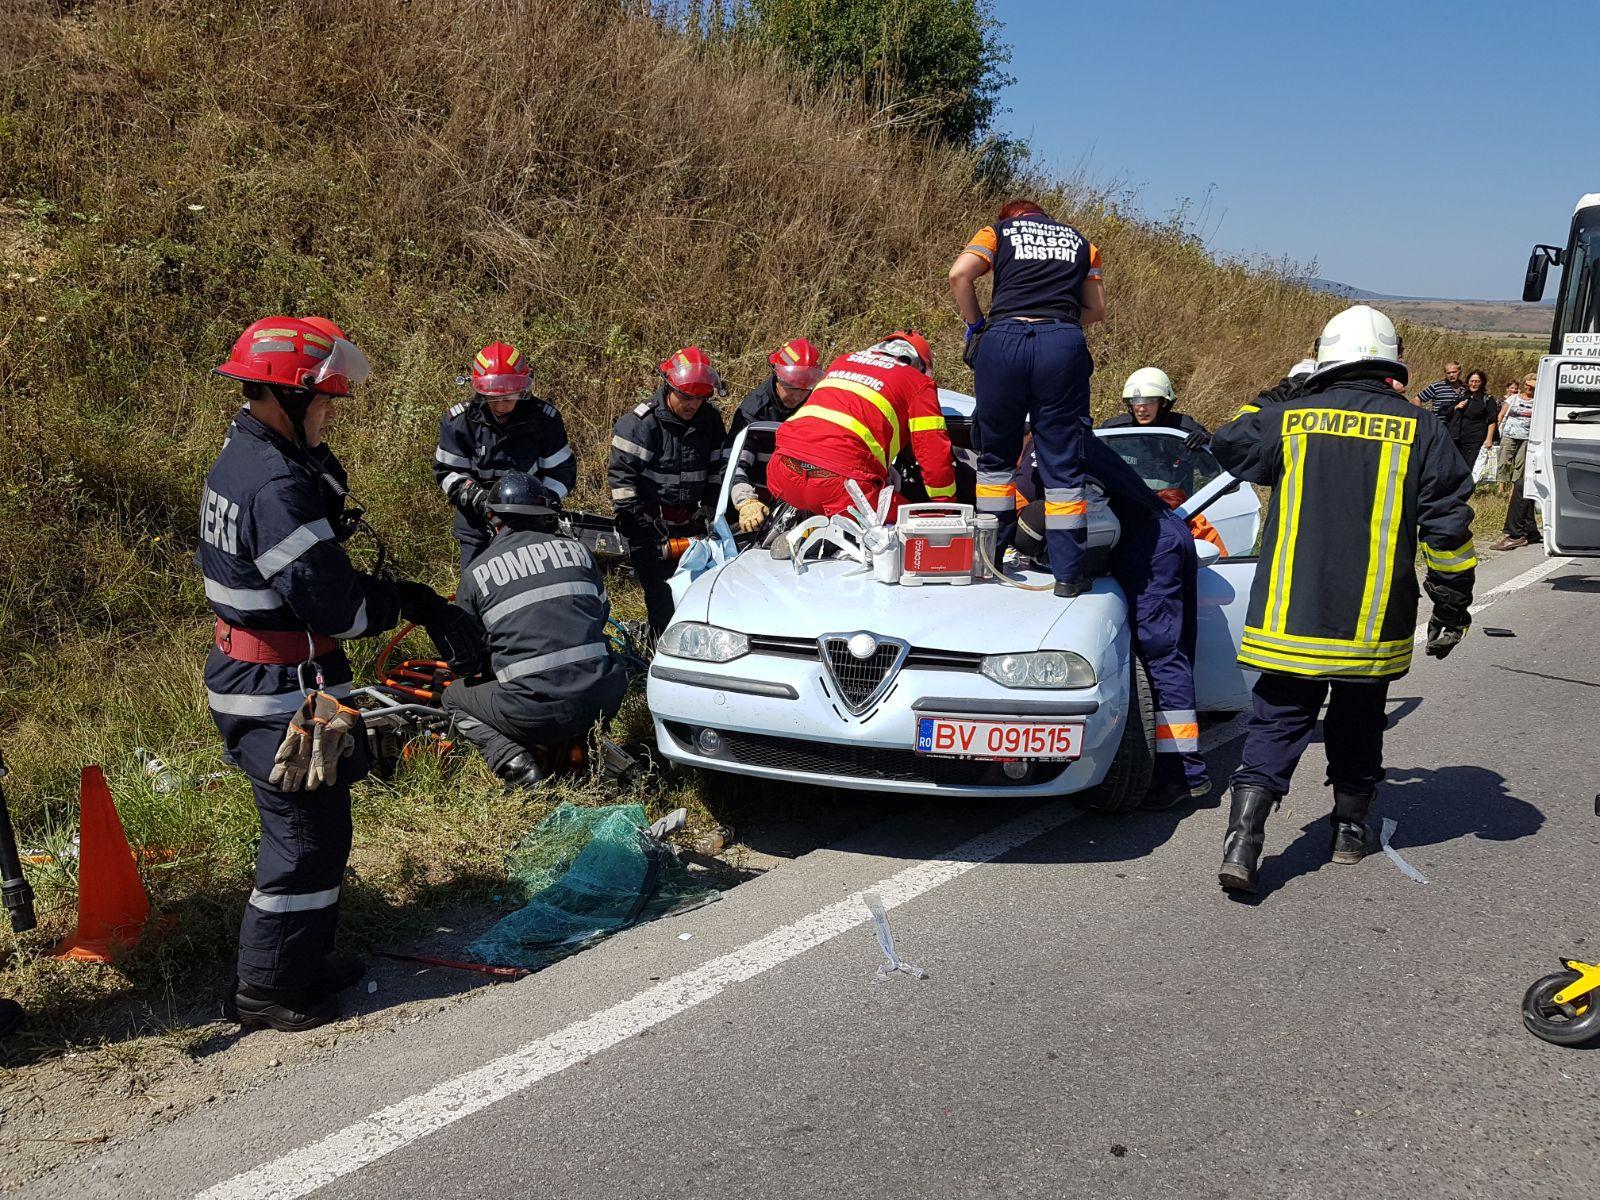 FOTO | Două persoane au fost grav rănite, după ce un autocar cu 23 de turişti s-a ciocnit cu un autoturism